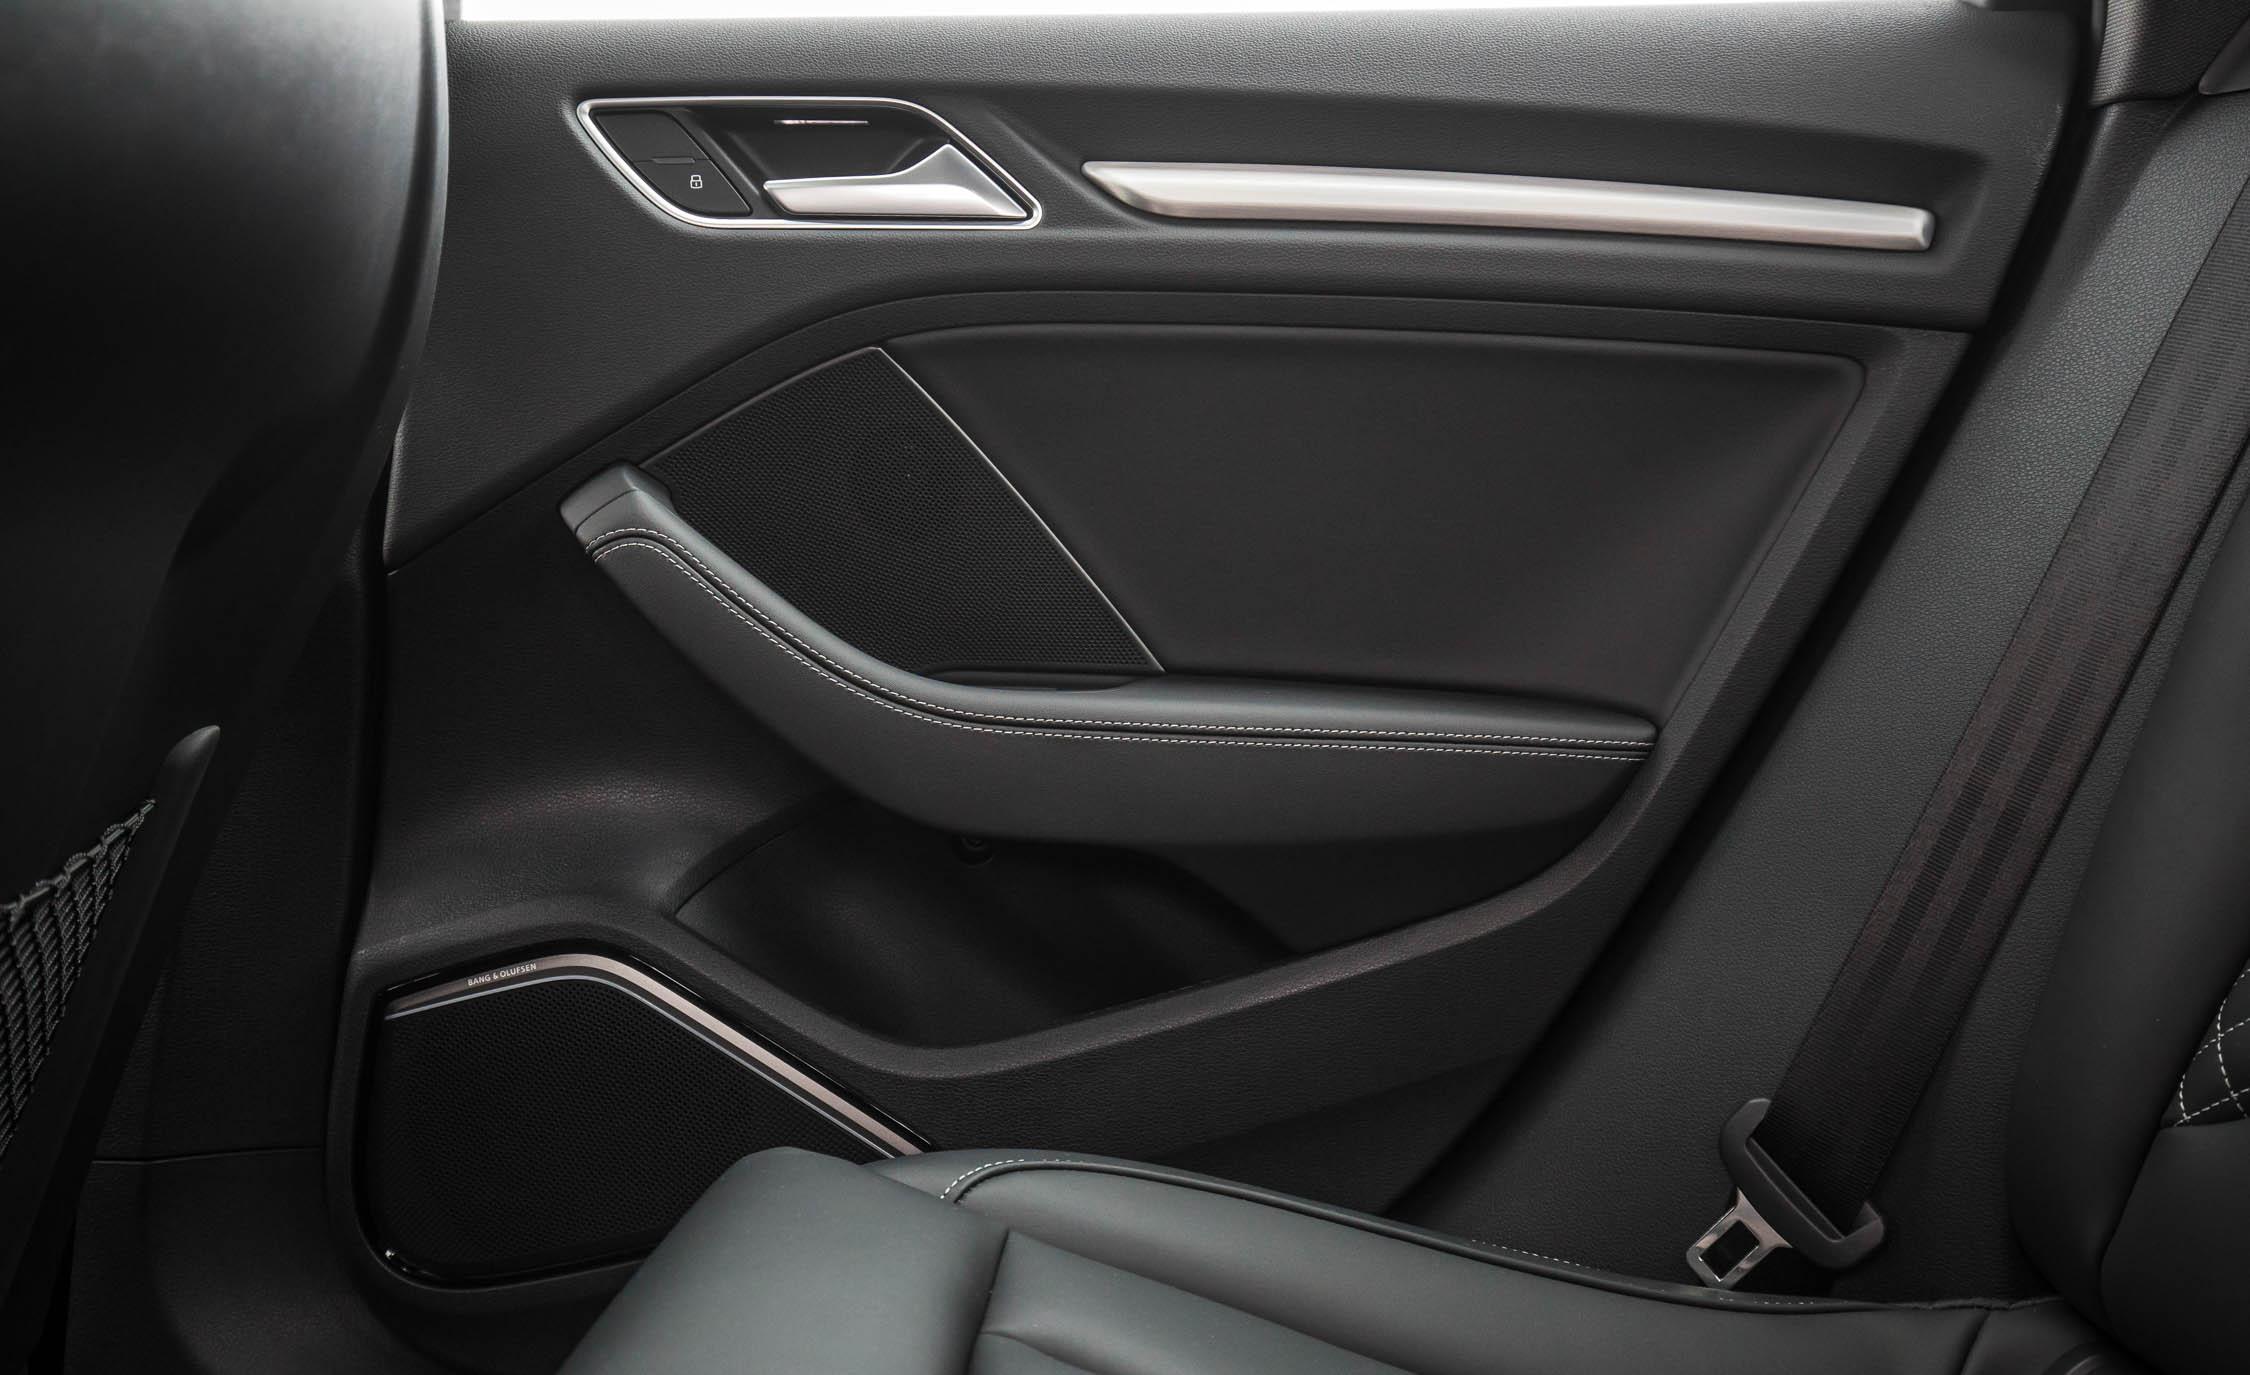 2017 Audi S3 Interior View Door Panel Rear (View 26 of 50)